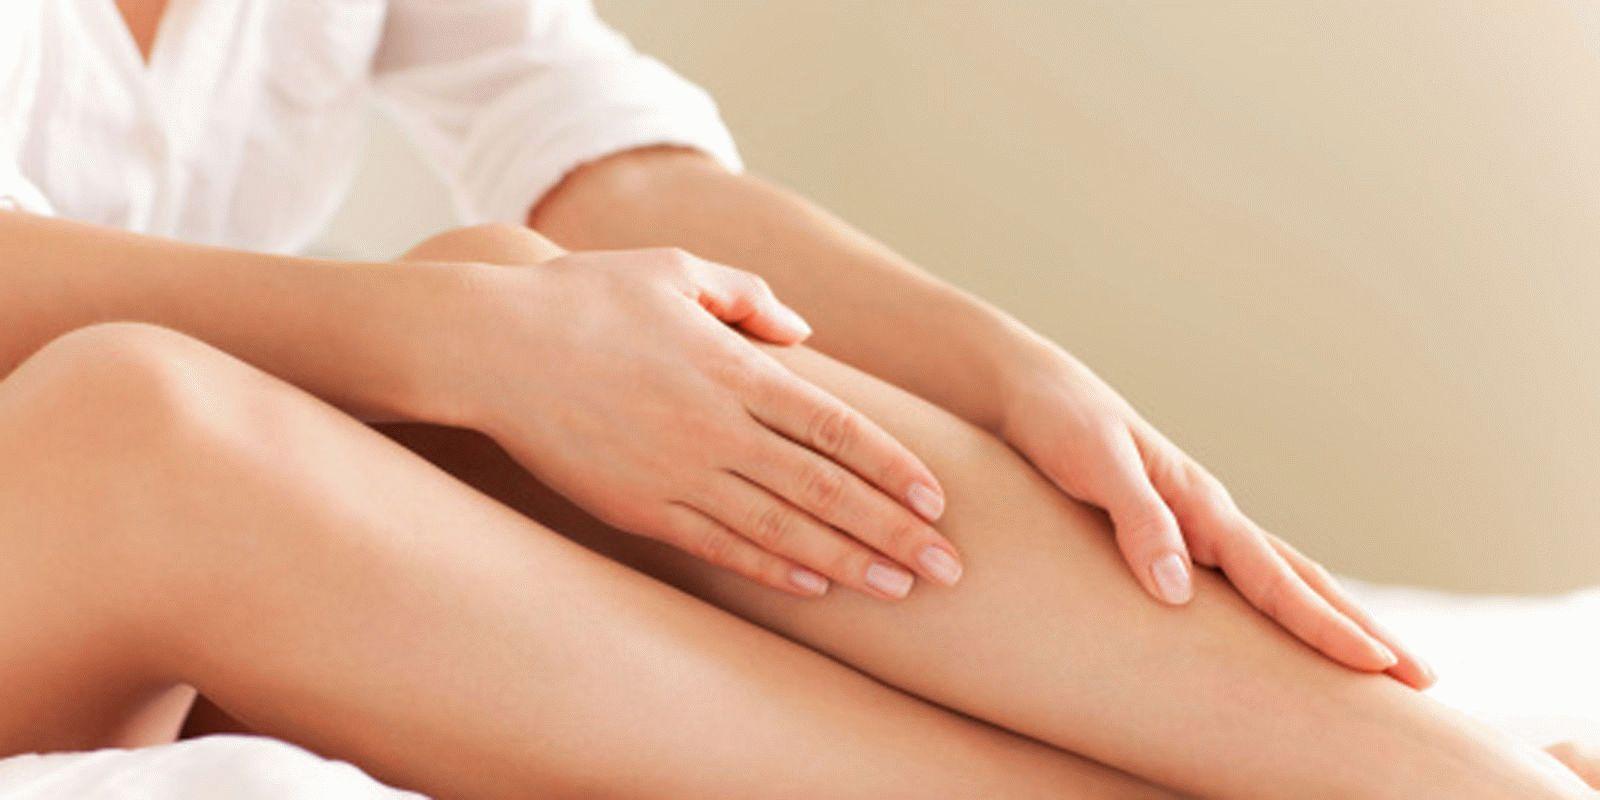 Как избавиться от судороги в ногах в домашних условиях